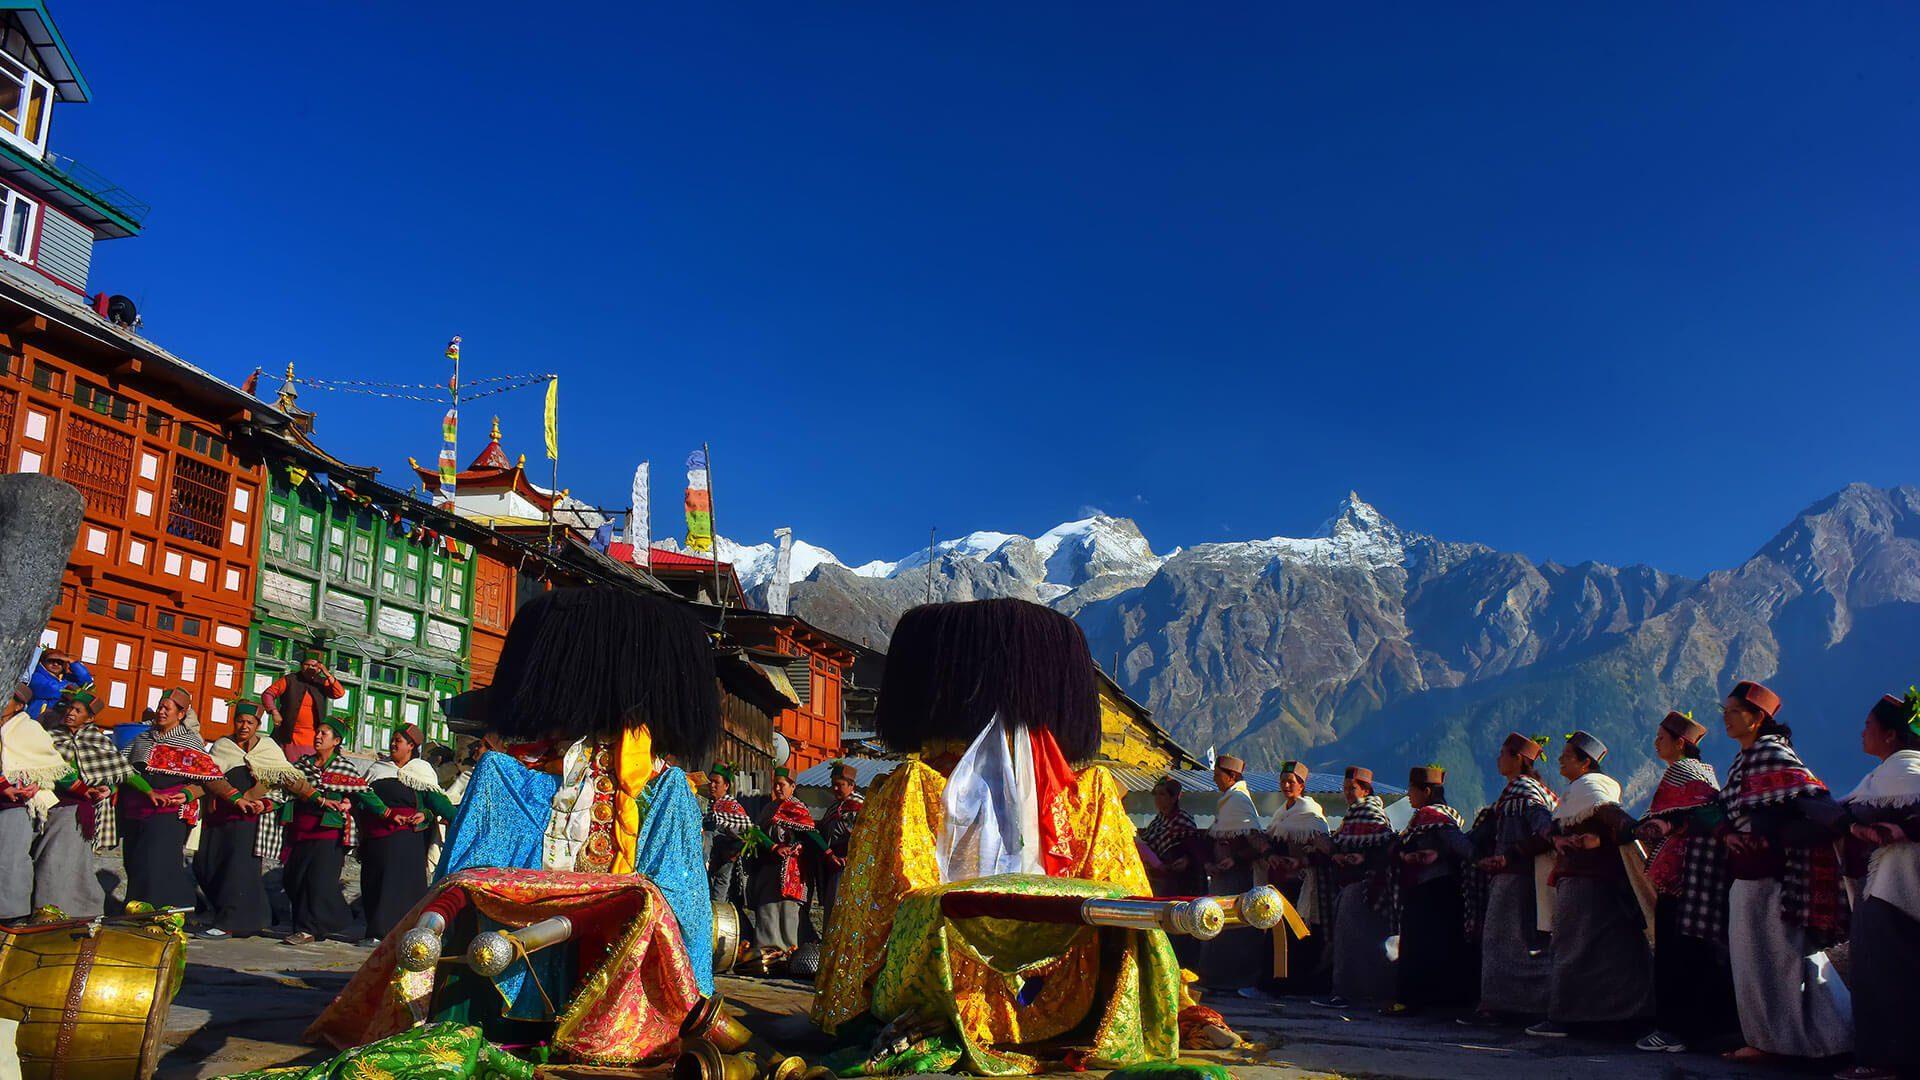 हिमाचल प्रदेश का पारंपरिक त्योहार